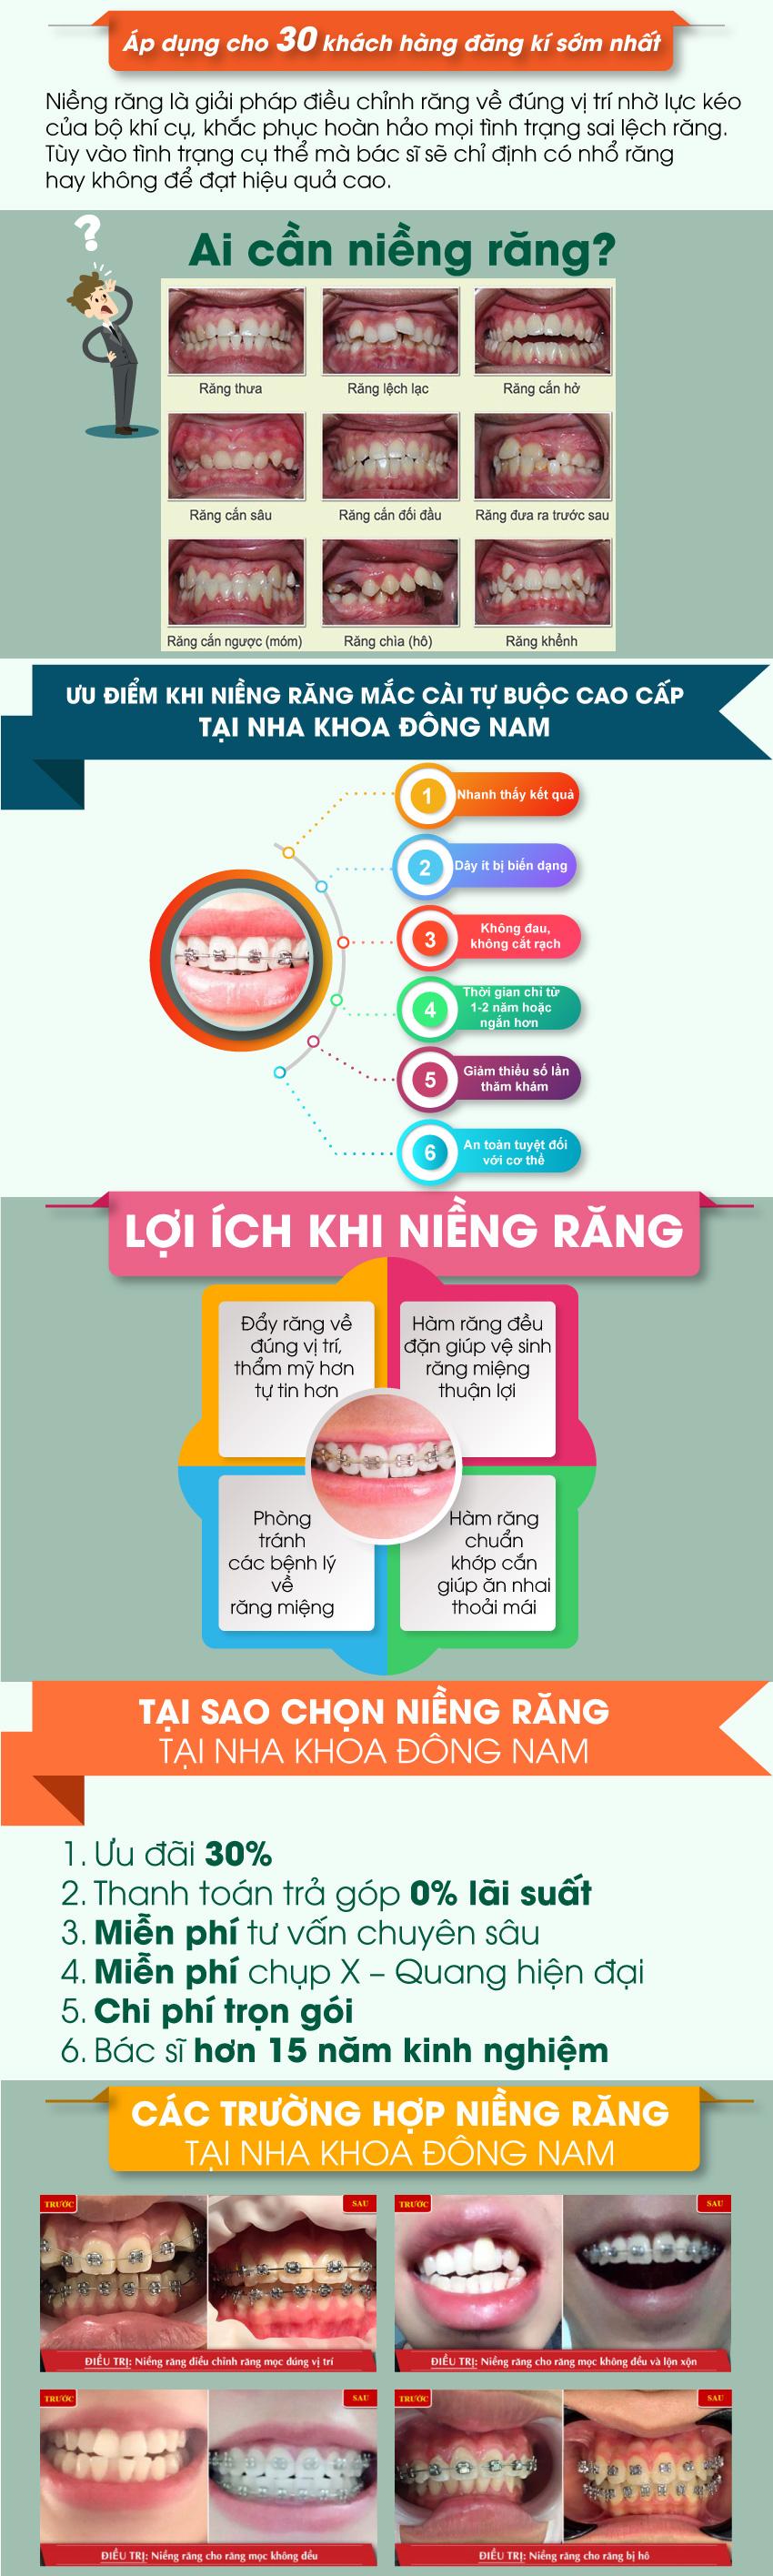 Chương trình khuyến mãi cấy ghép răng Implant